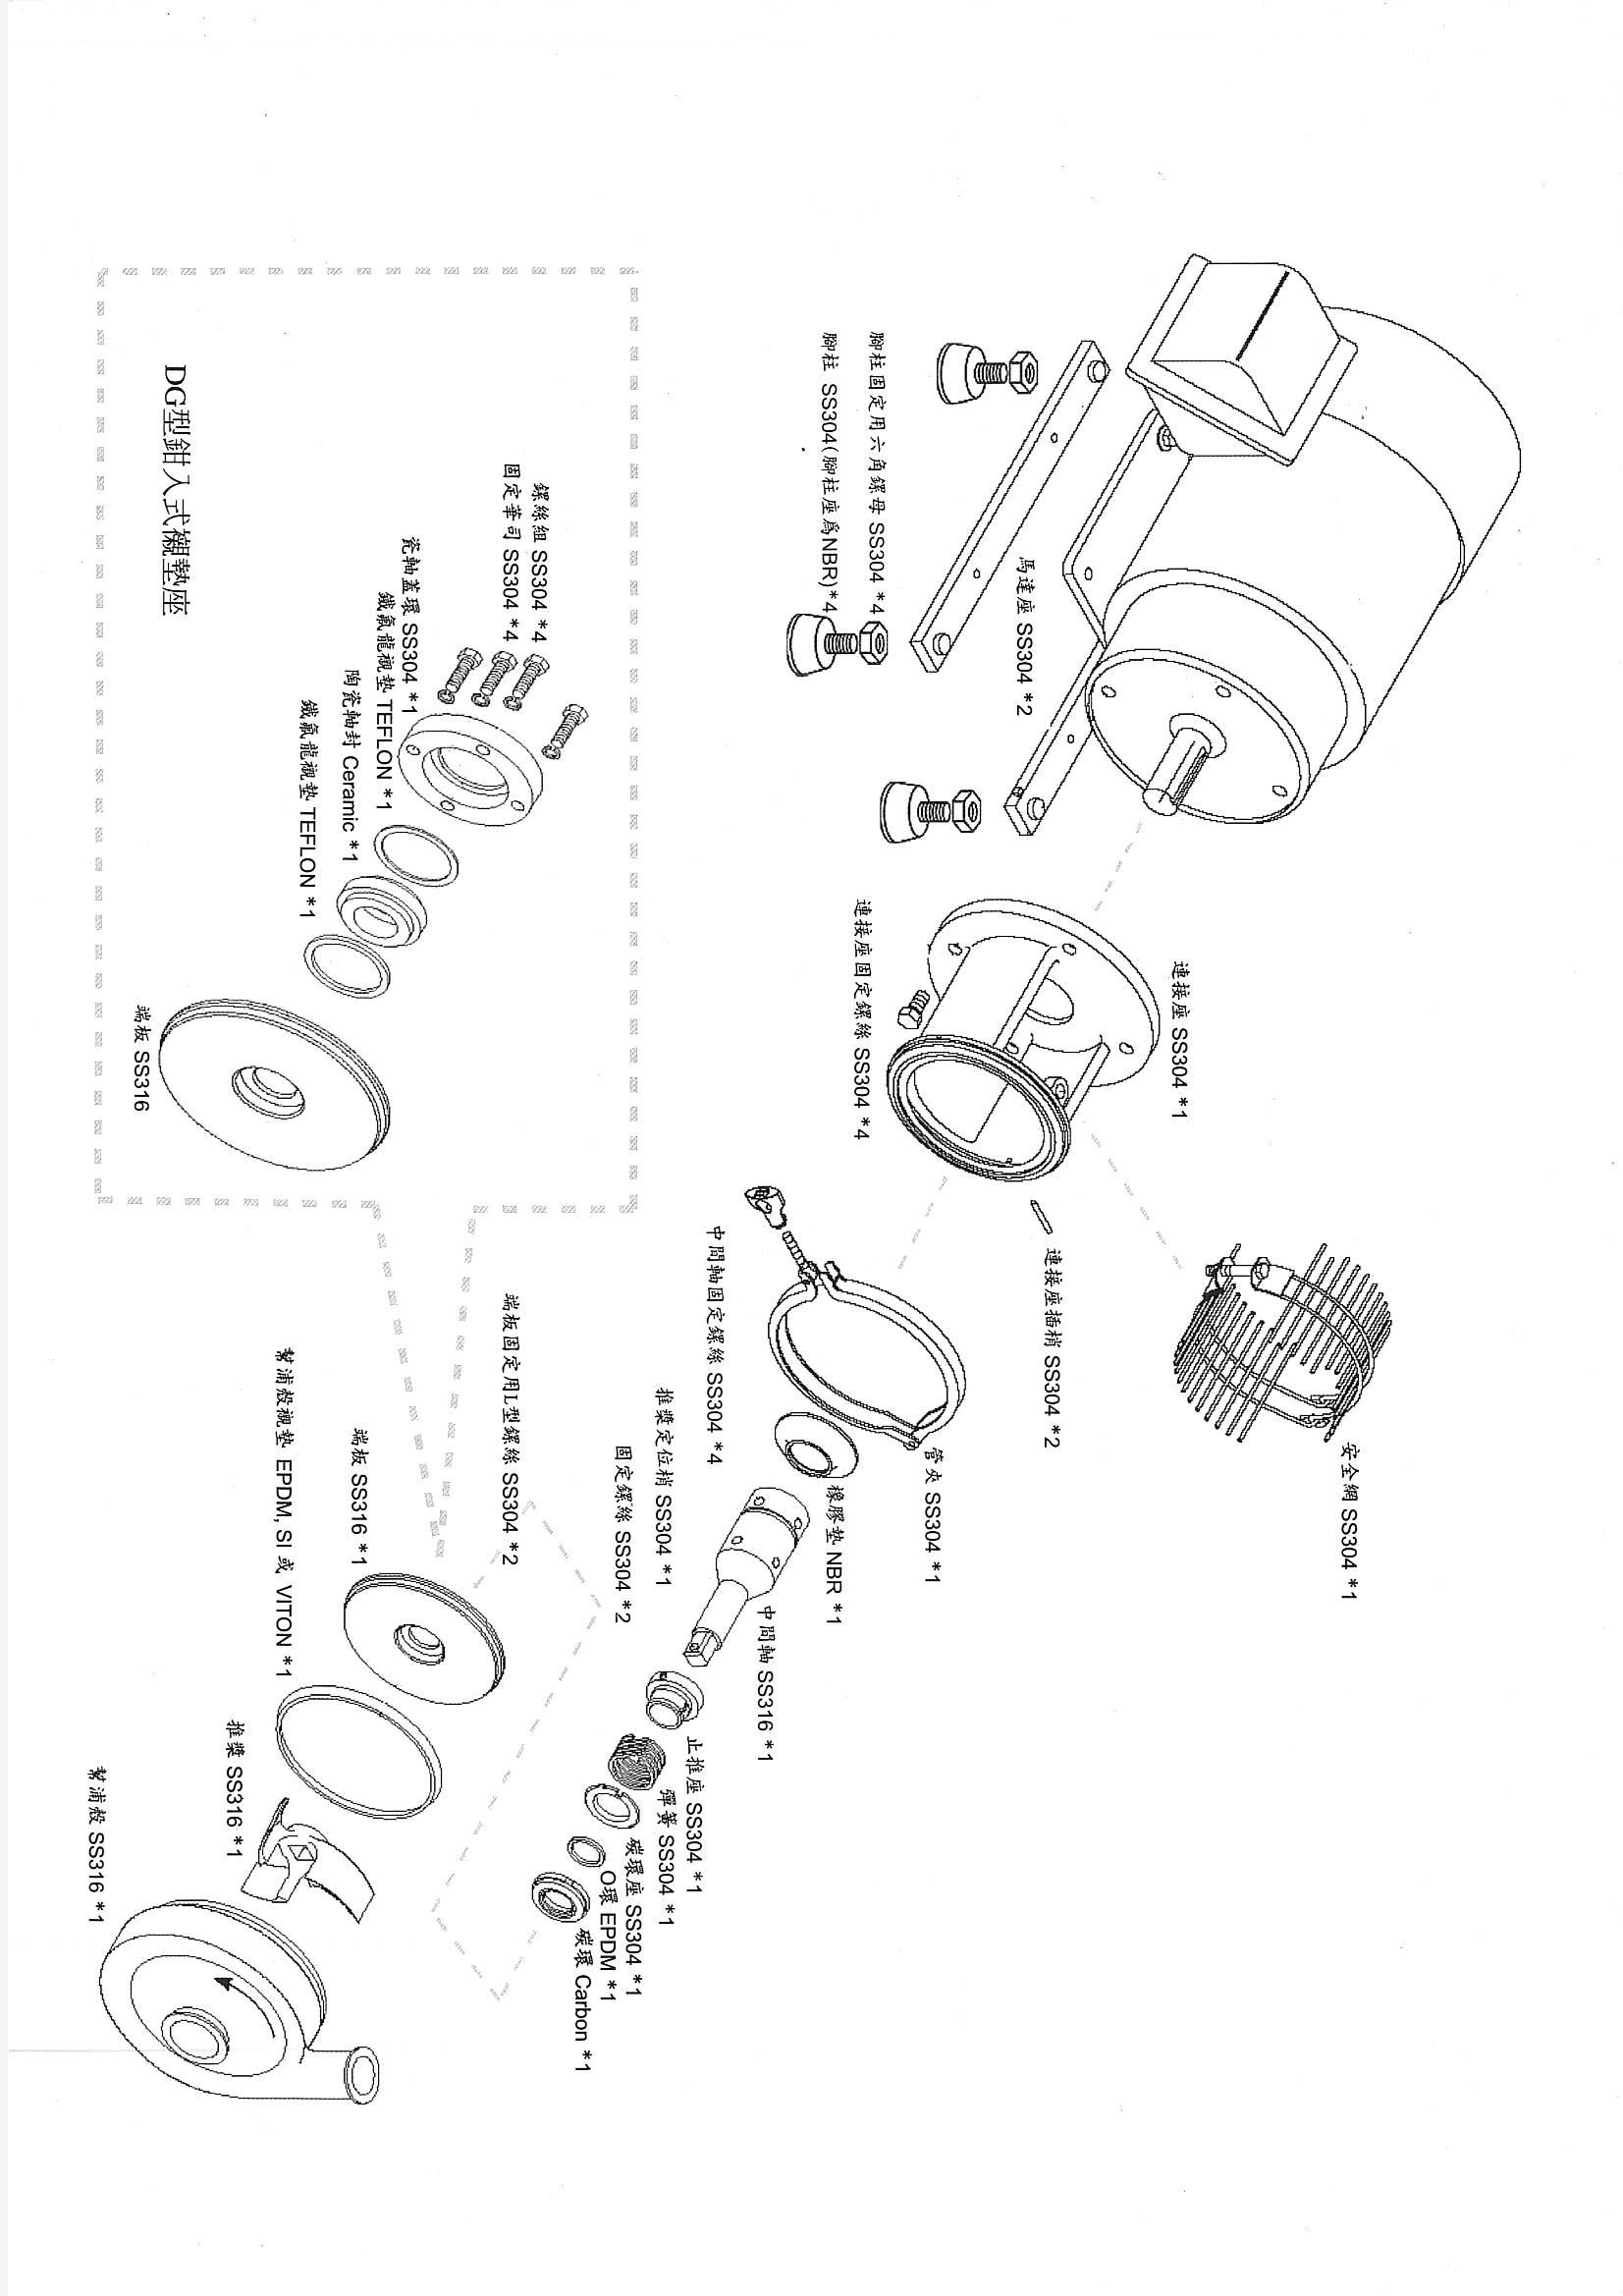 大倚企業(股)公司-台中泵浦,幫浦,pump,食品衛生泵浦,化工泵浦,真空泵浦,台中幫浦,食品衛生幫浦,化工幫浦,真空幫浦